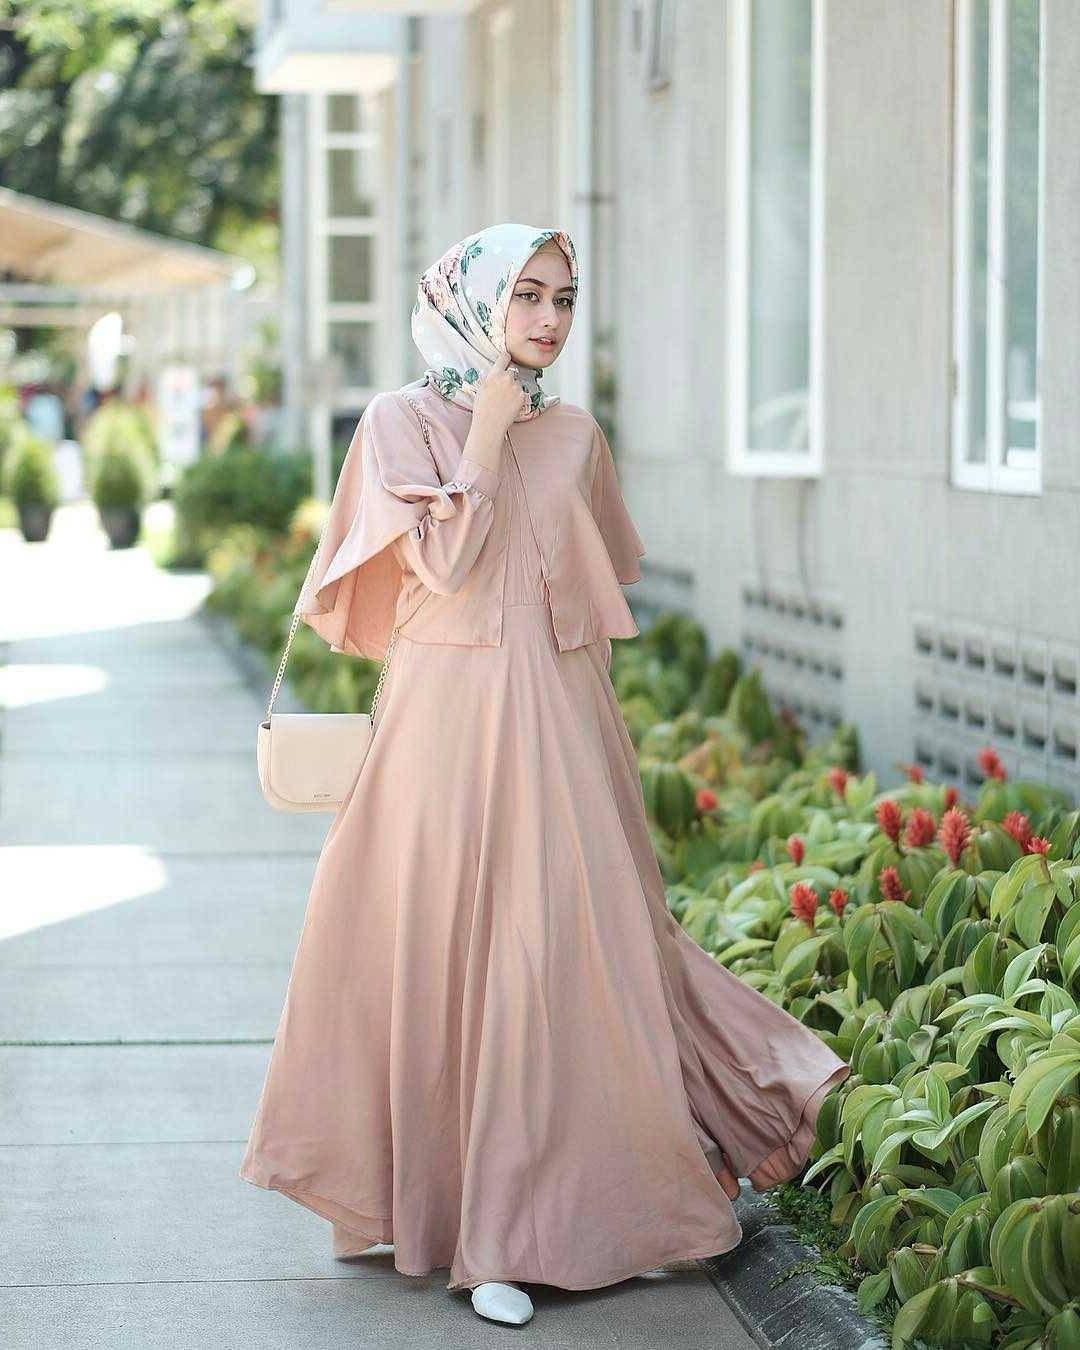 Ide Trend Baju Lebaran Pria 2018 Drdp 21 Model Gamis Lebaran 2018 Desain Elegan Casual Dan Modern